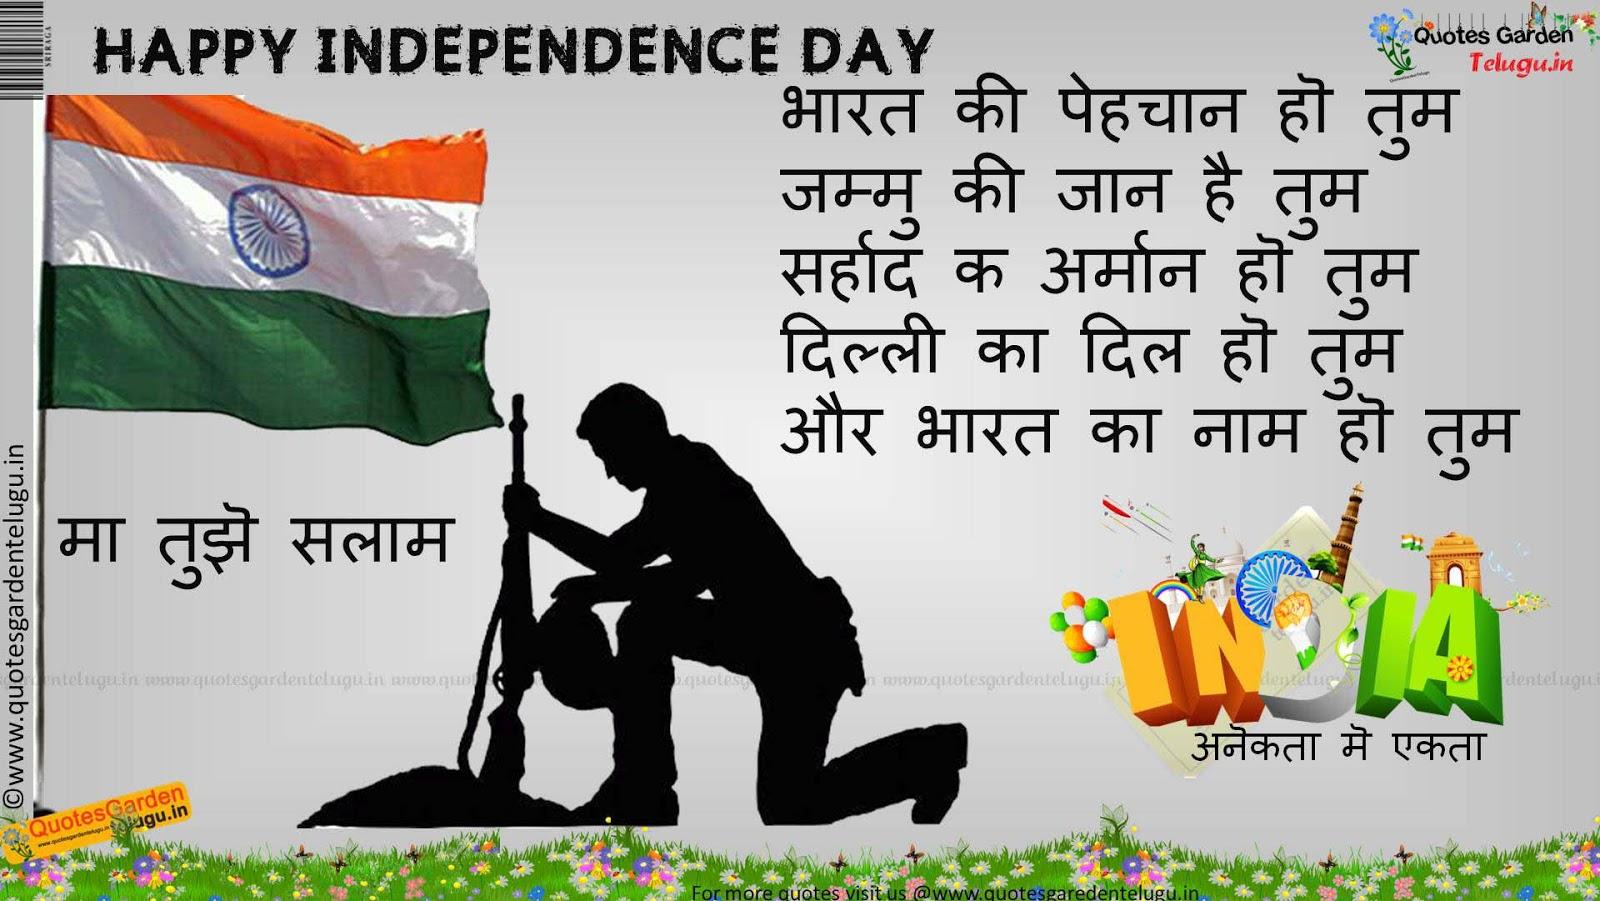 independence day telugu essay Independence day essay in hindi अर्थात इस article में आप पढेंगे, स्वतंत्रता दिवस (15 august) पर अनेक निबंध हिन्दी में नुक्ते बनाकर व paragraphs के रूप में.